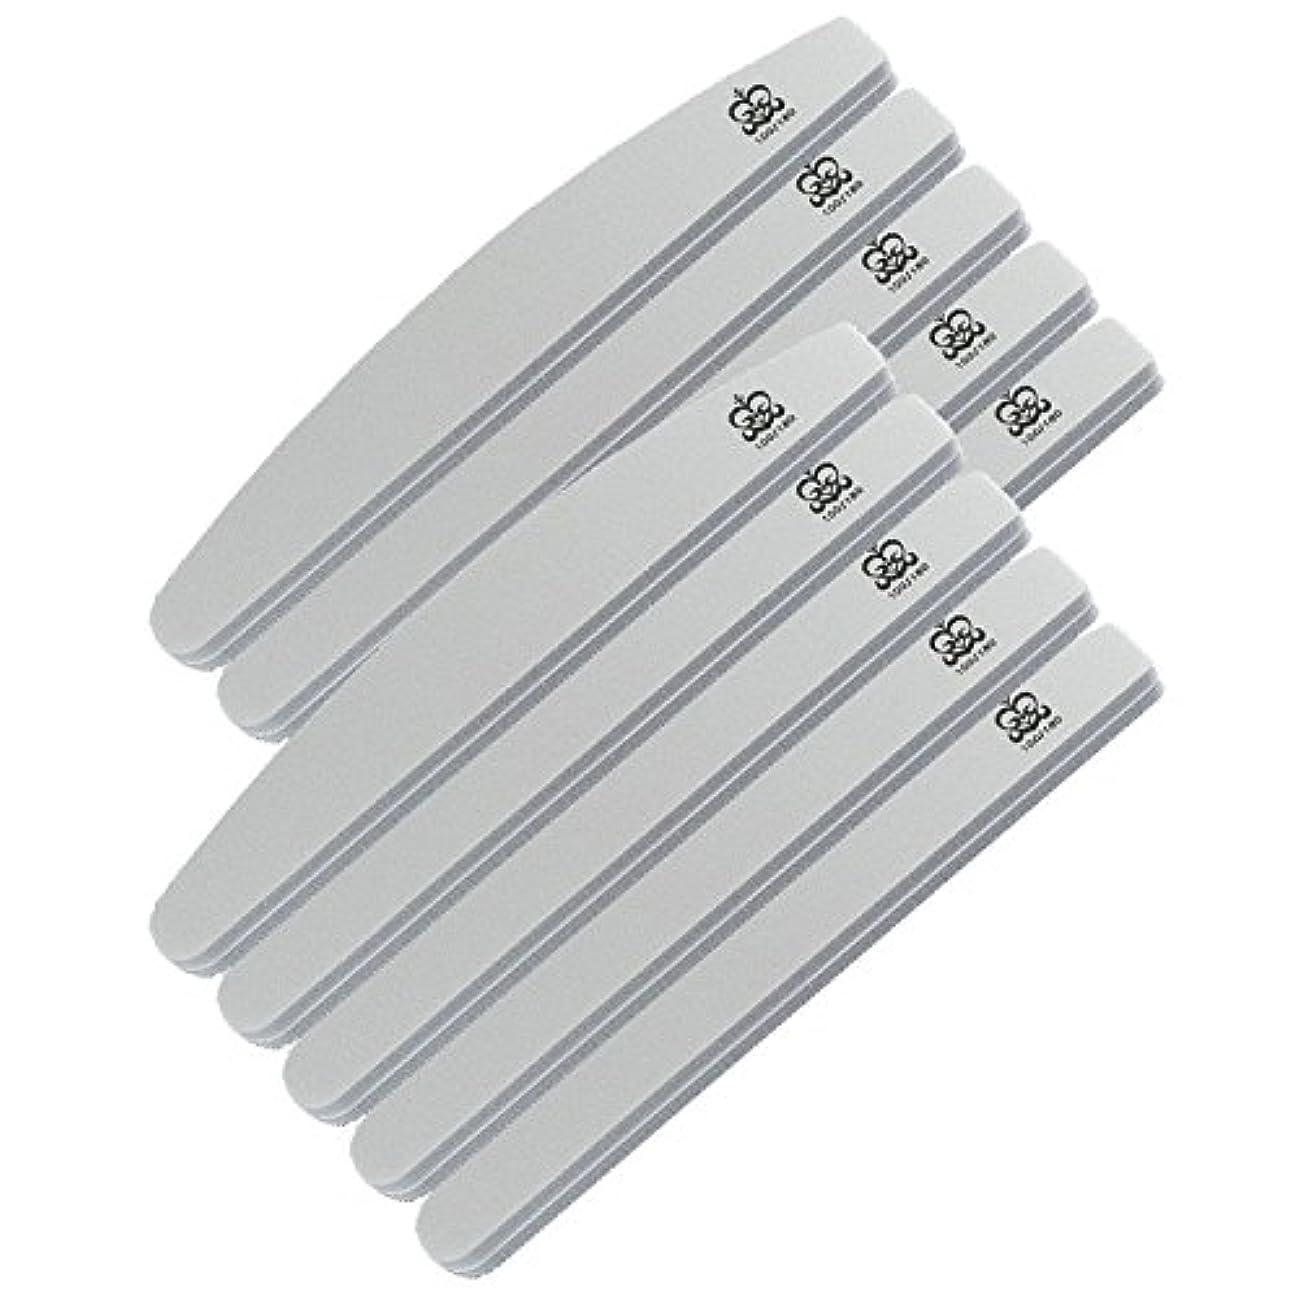 可能水平始まりミクレア(MICREA) ミクレア プロフェッショナルスポンジファイル バリューパック ムーン型 100/180 10本入